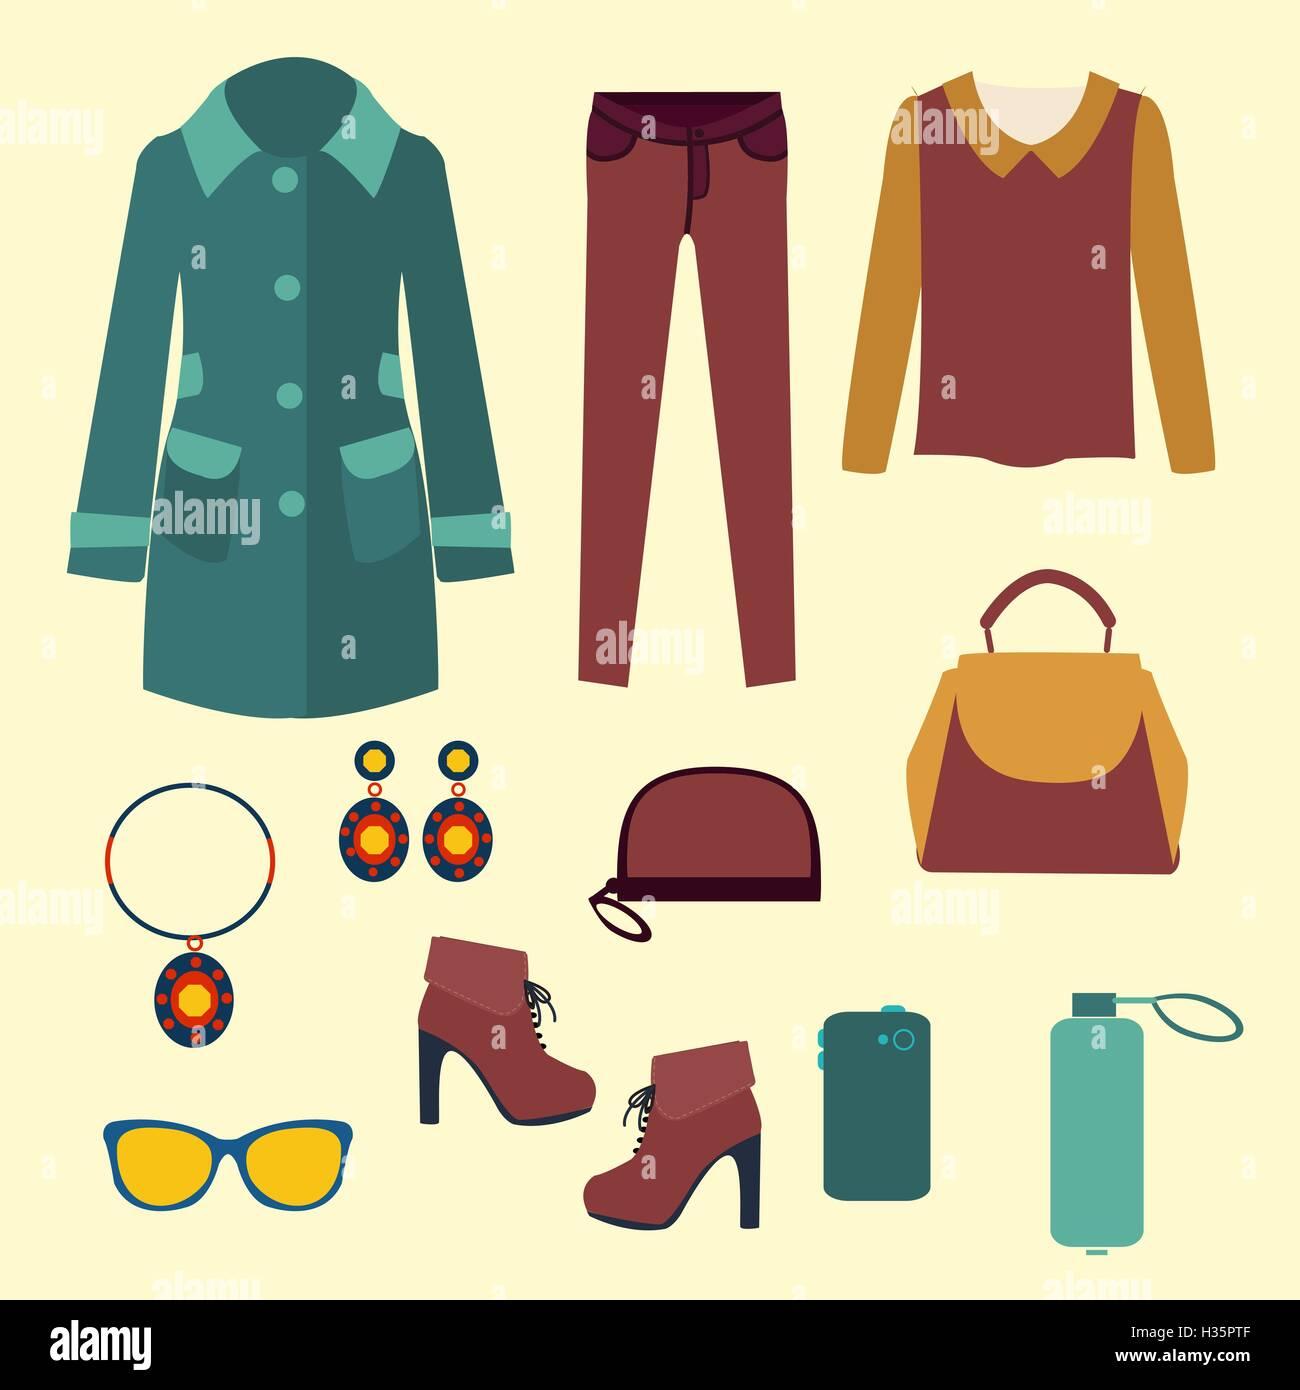 8c77b92938a4 Vettore di vettore di moda abbigliamento e accessori per donna per desi